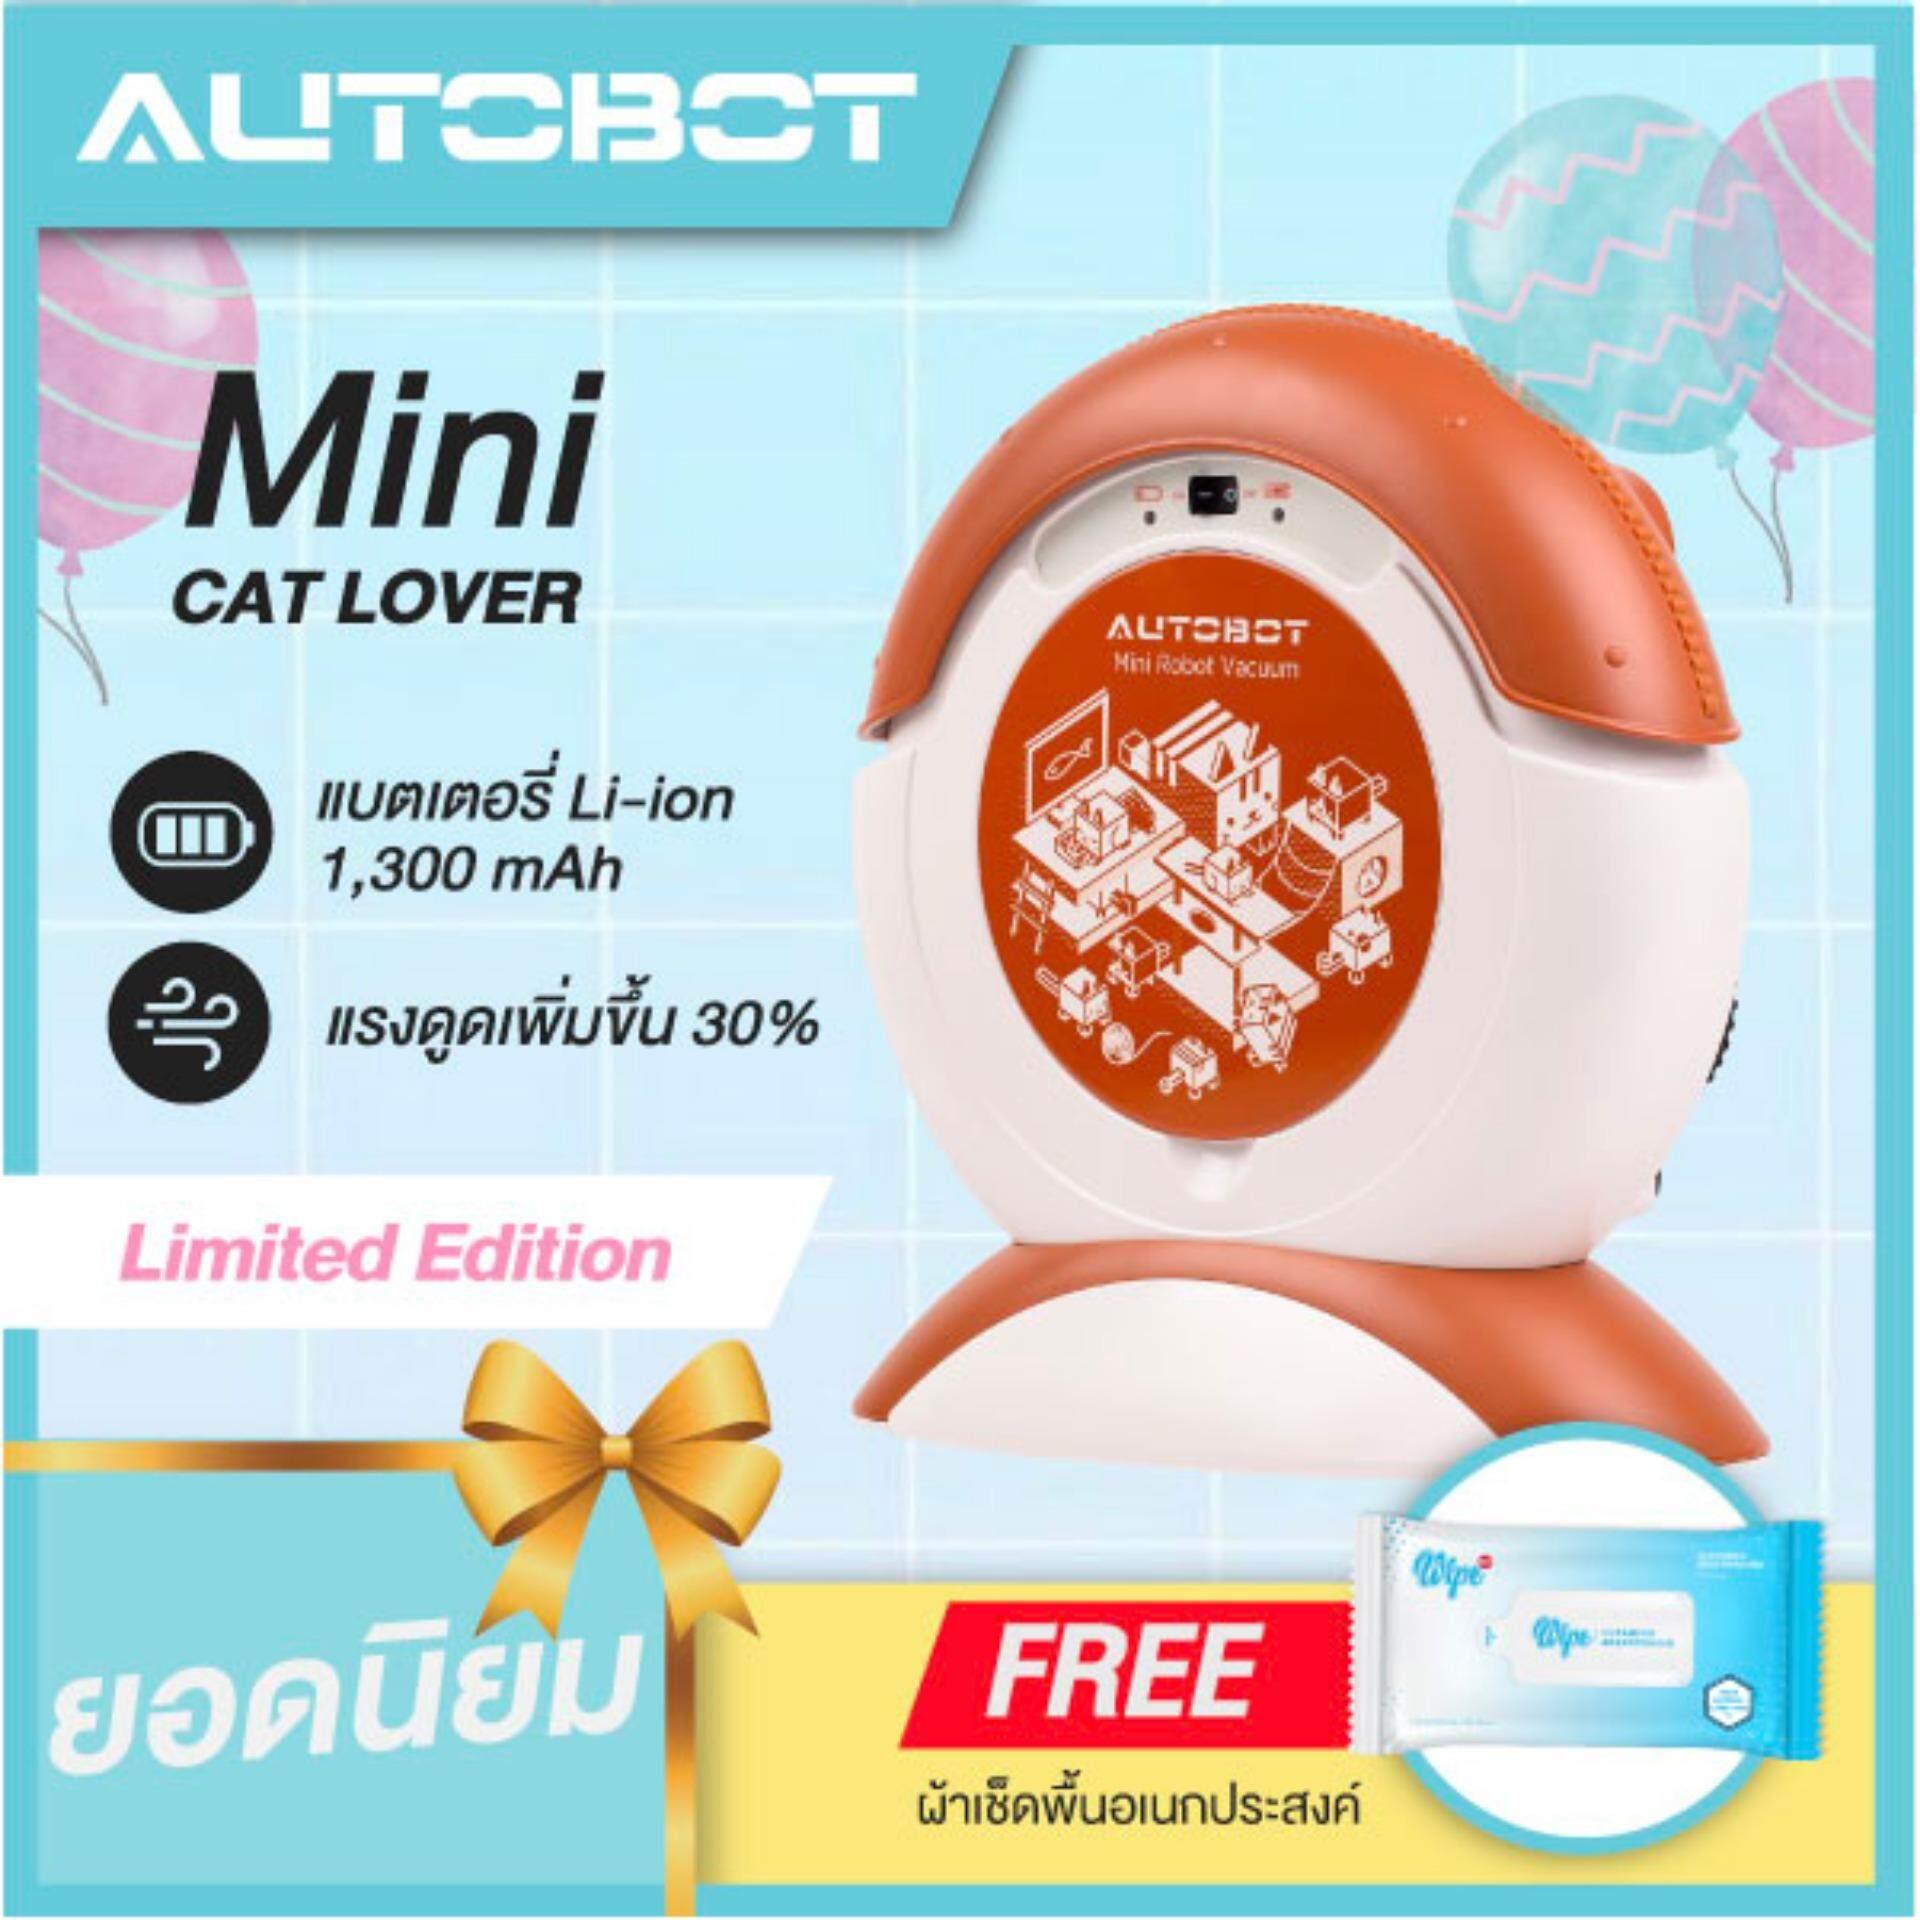 รีวิว  AUTOBOT หุ่นยนต์ดูดฝุ่น ถูพื้น โรบอท ระบบ Fuzzy Moving เครื่องดูดฝุ่น รุ่น Mini robot vacuum cleaner - Cat Lover - ซื้อที่ไหนดี